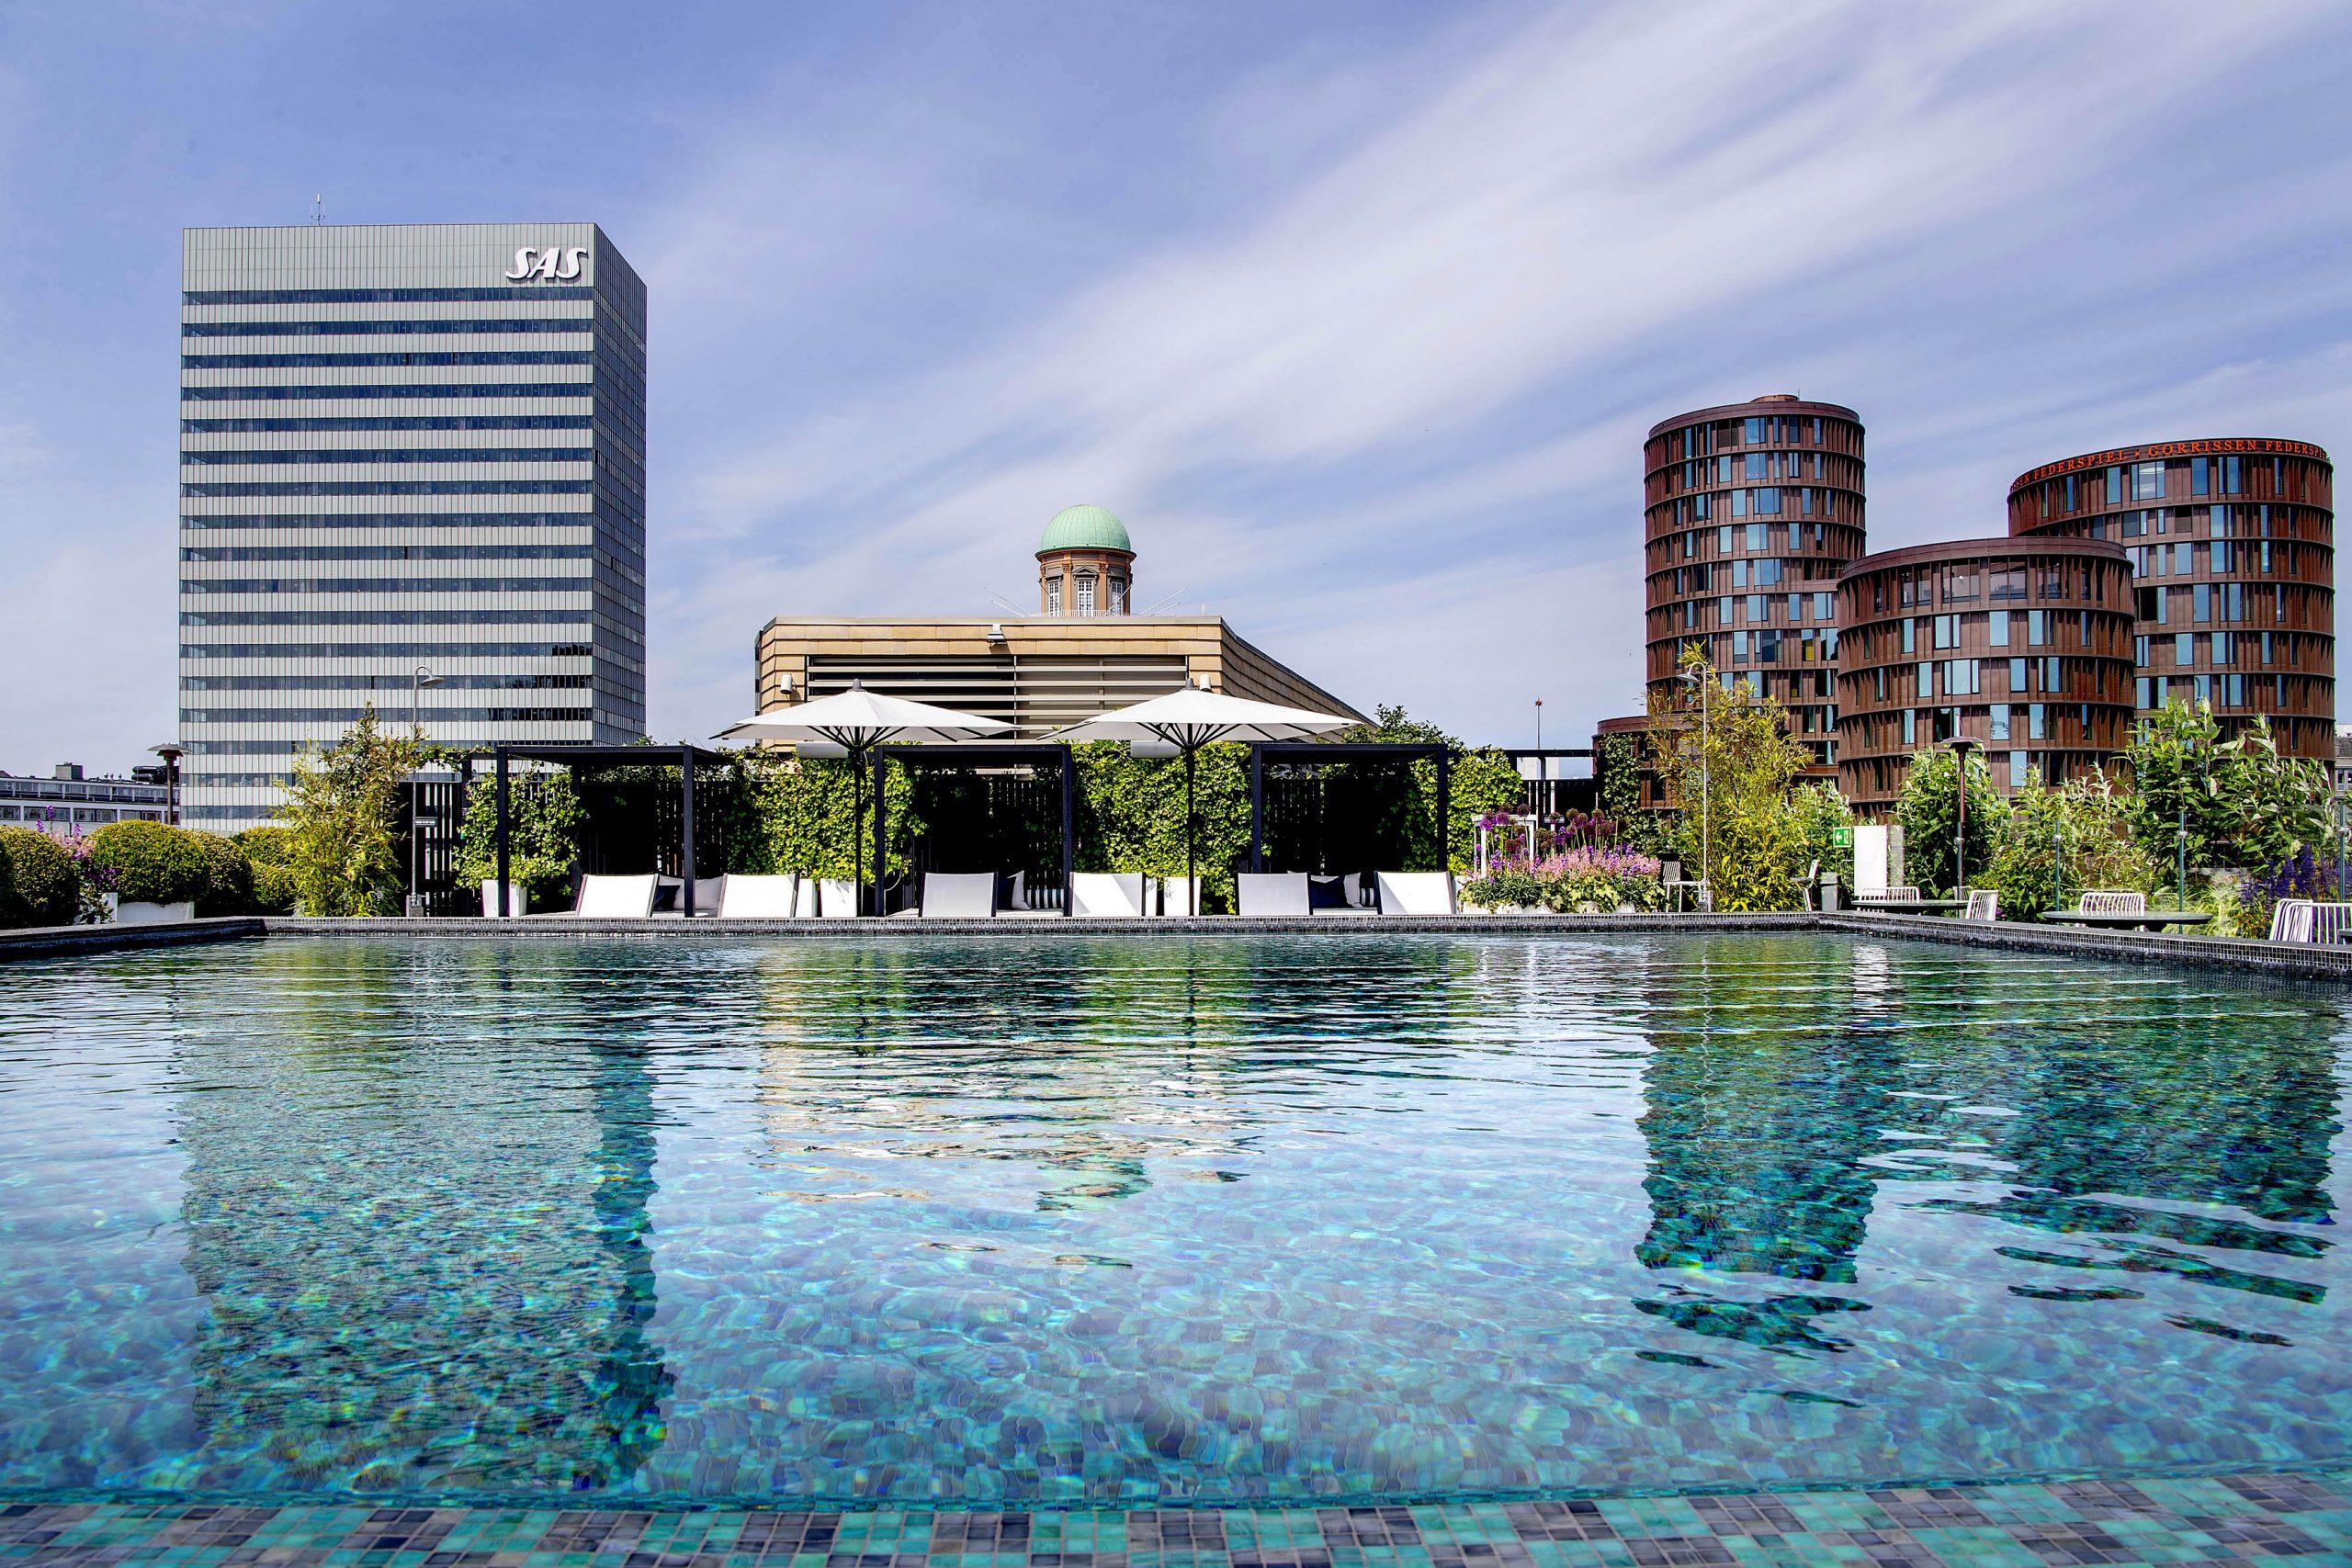 Regeringen har ombestemt sig, nu må udenlandske turister alligevel bo på hotel i København. Her er udsigten fra Tivolis Nimb-hotel, der blandt andet har udendørs pool, i baggrunden Radissons Royal-hotel. Pressefoto for Tivoli: Bax Lindhardt.